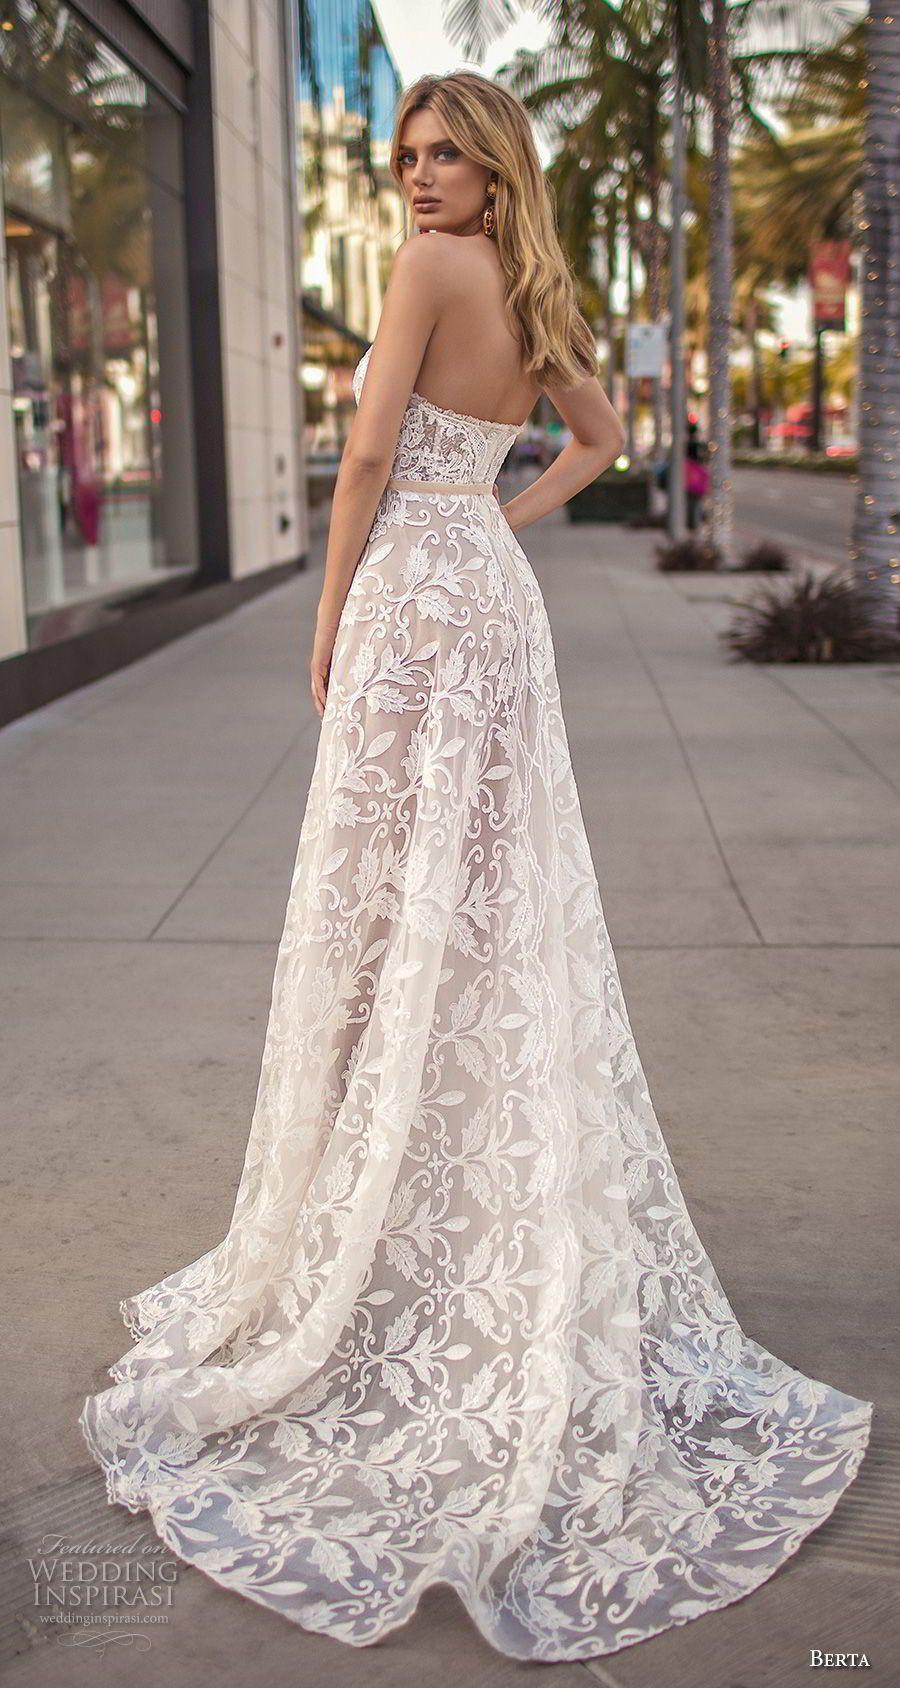 Hochzeitskleid 2019  berta hochzeitskleid 2019 Brautkleider